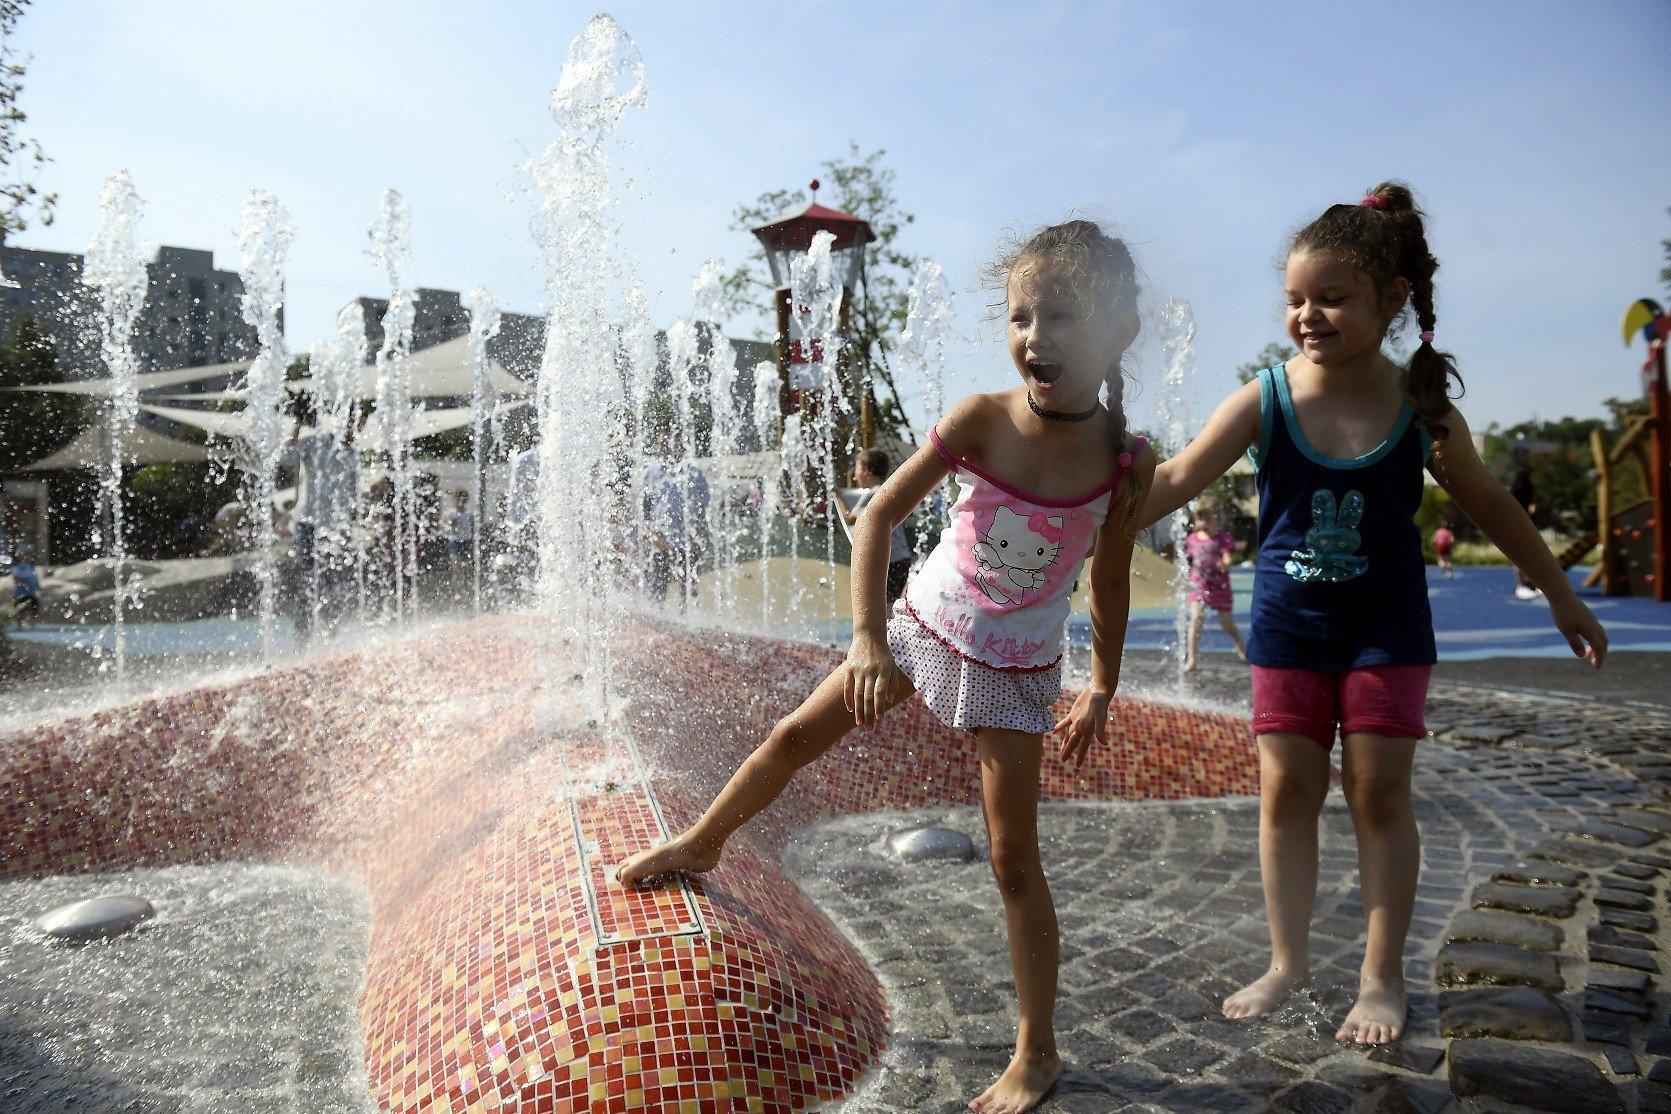 Vizes élményelemekkel nyílt meg Kispest legújabb játszótere